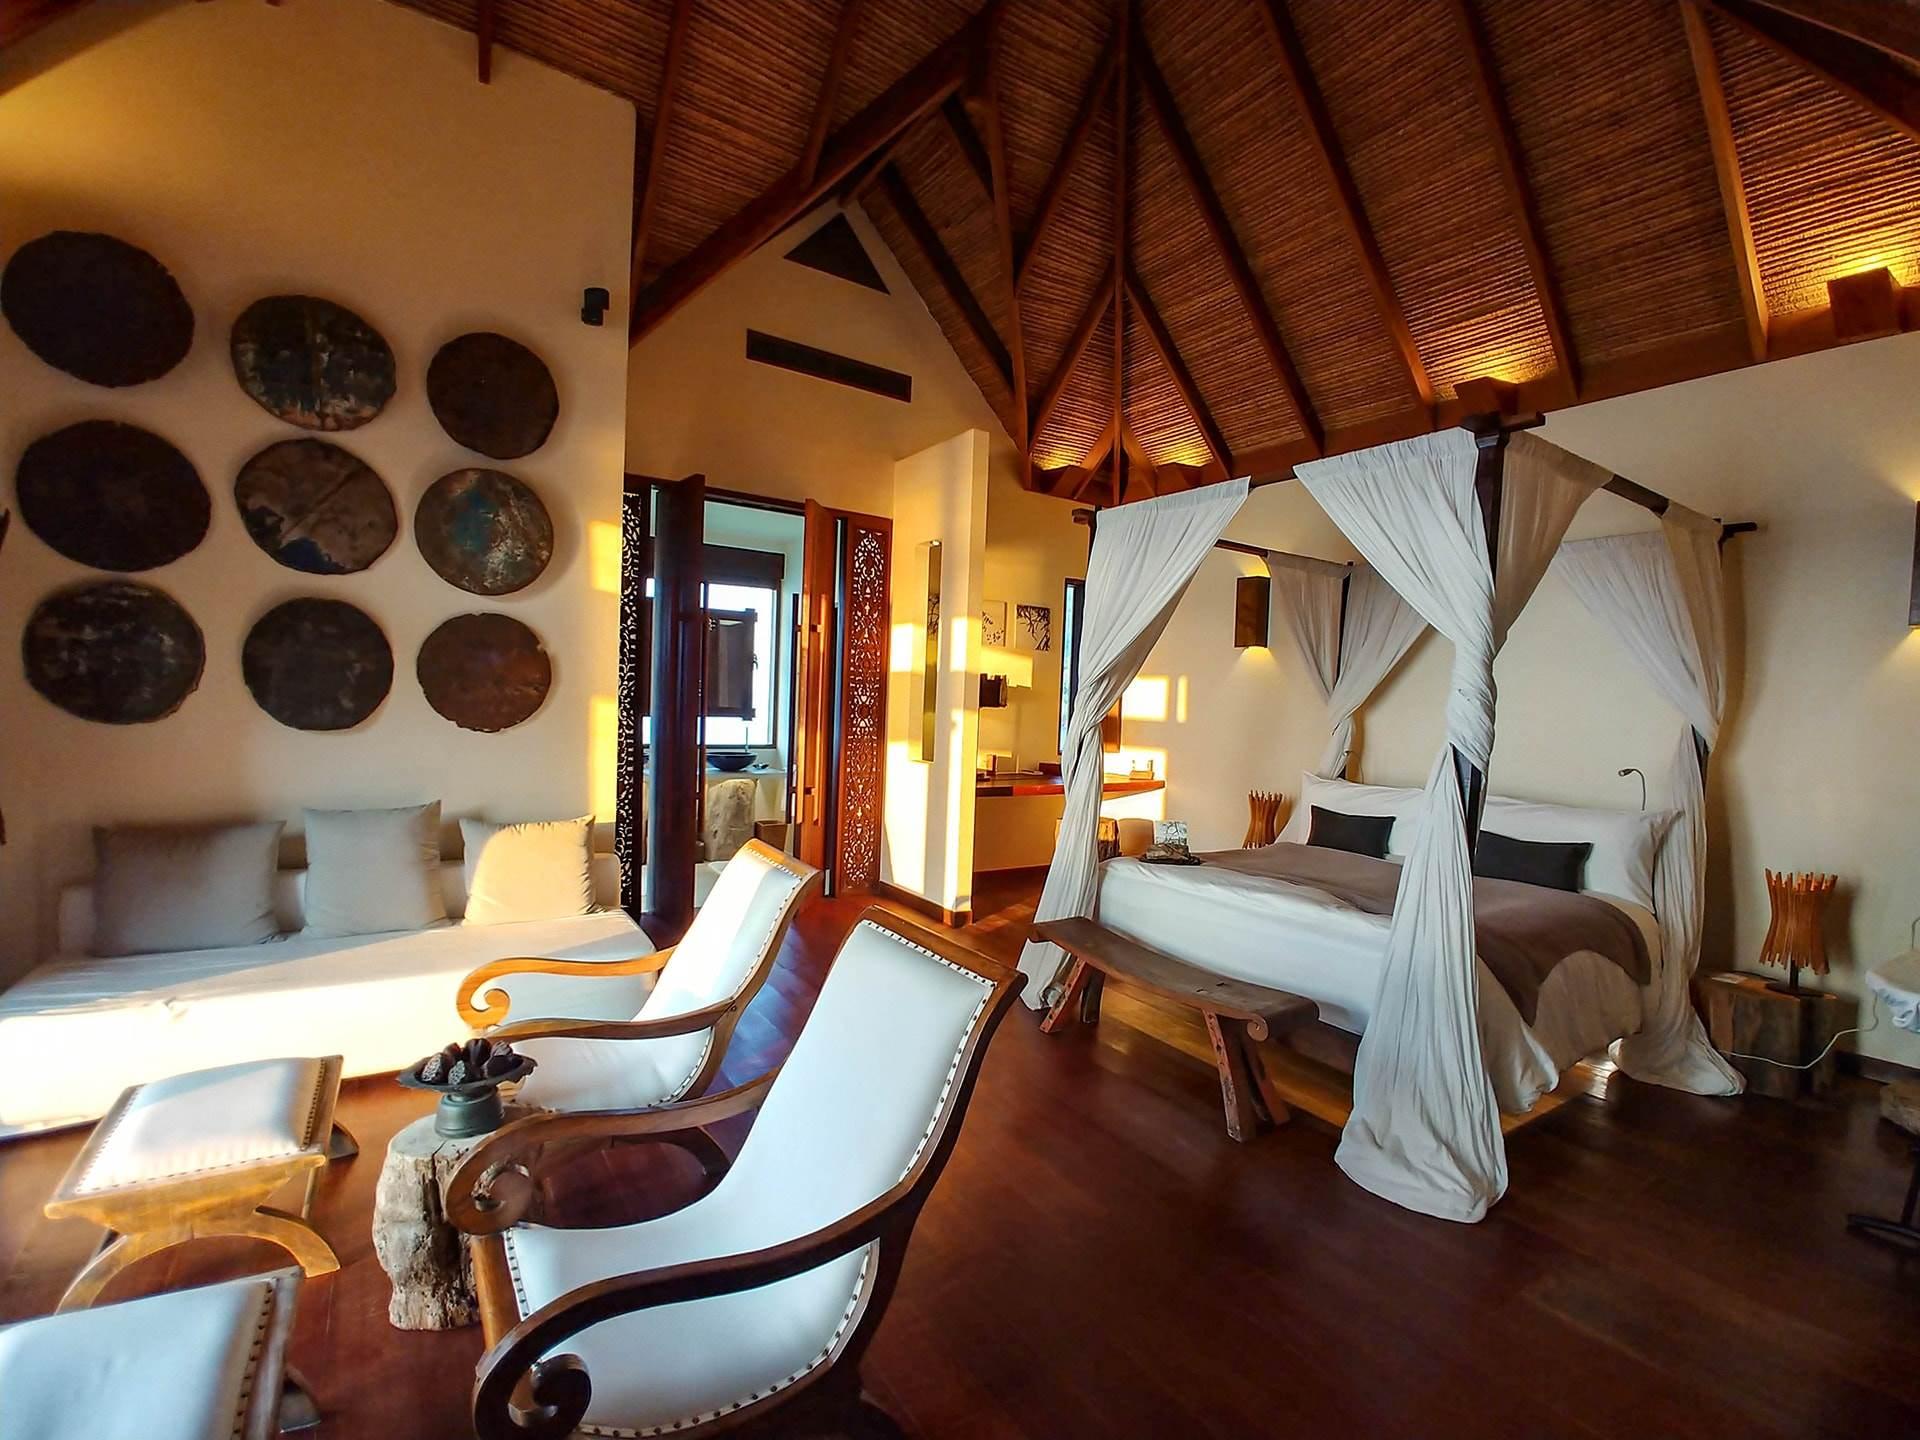 royalvilla_interior-min_1.jpg